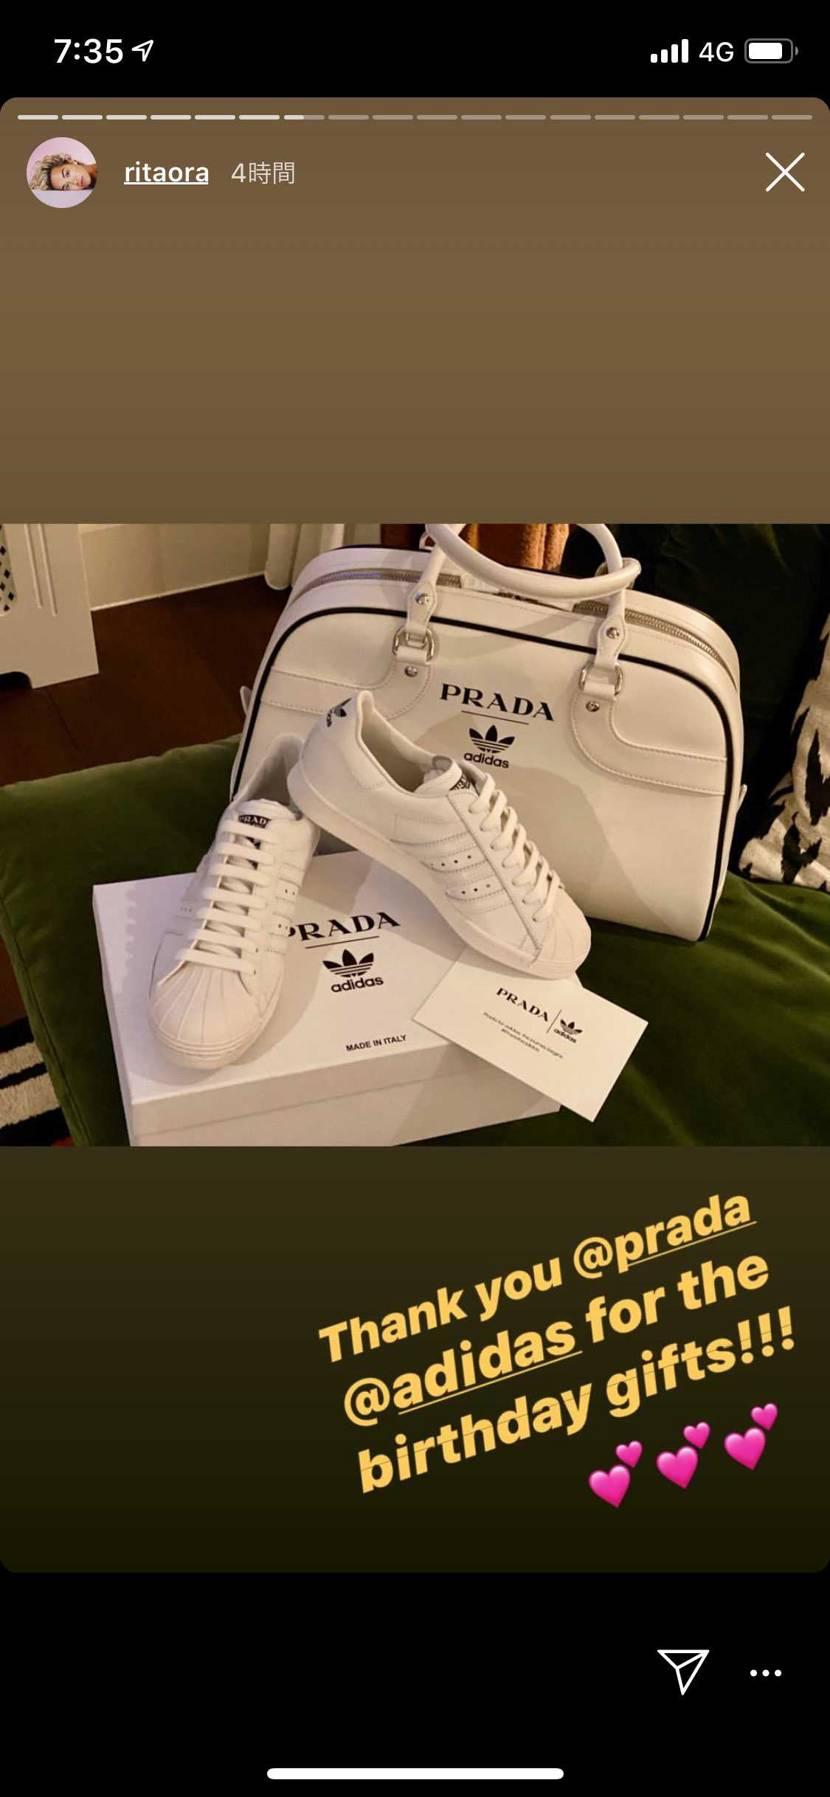 Rita Oraが誕生日プレゼントで貰ったっぽいですね 羨ましい🥺